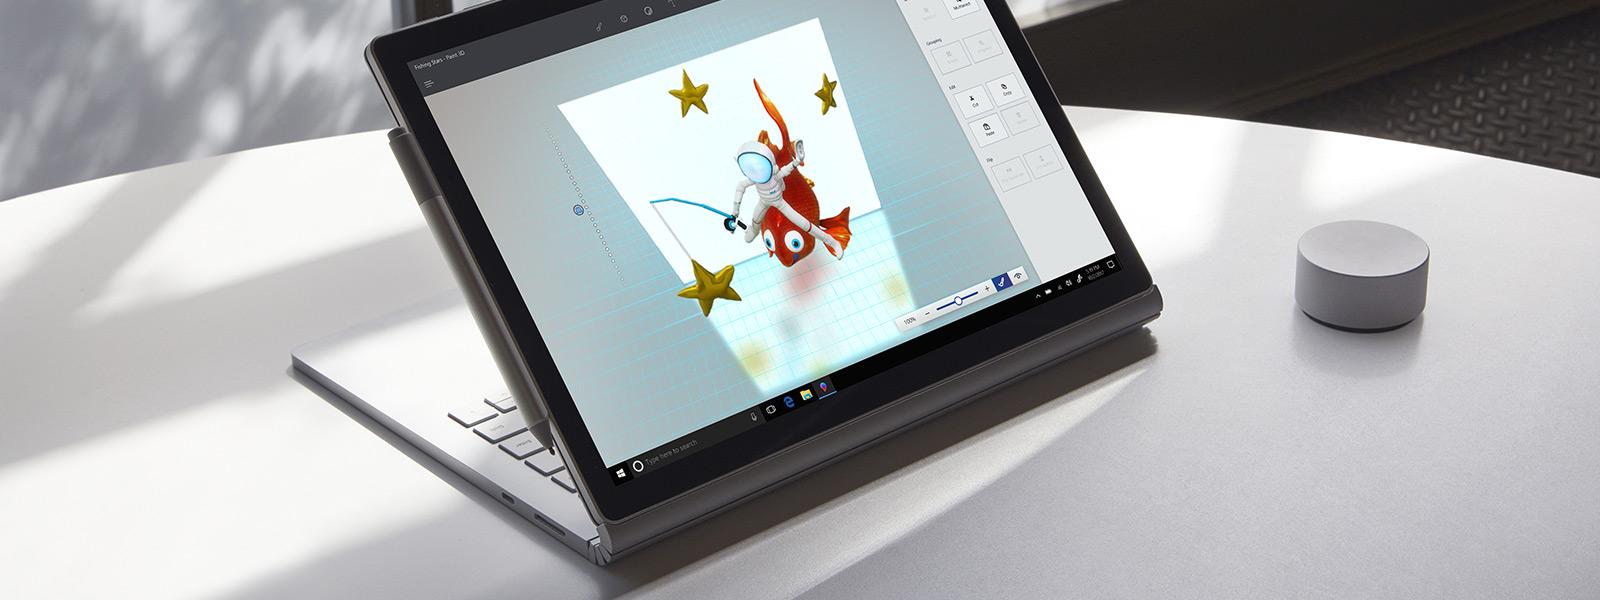 Ecriture naturelle avec le Stylet Surface dans Paint3D